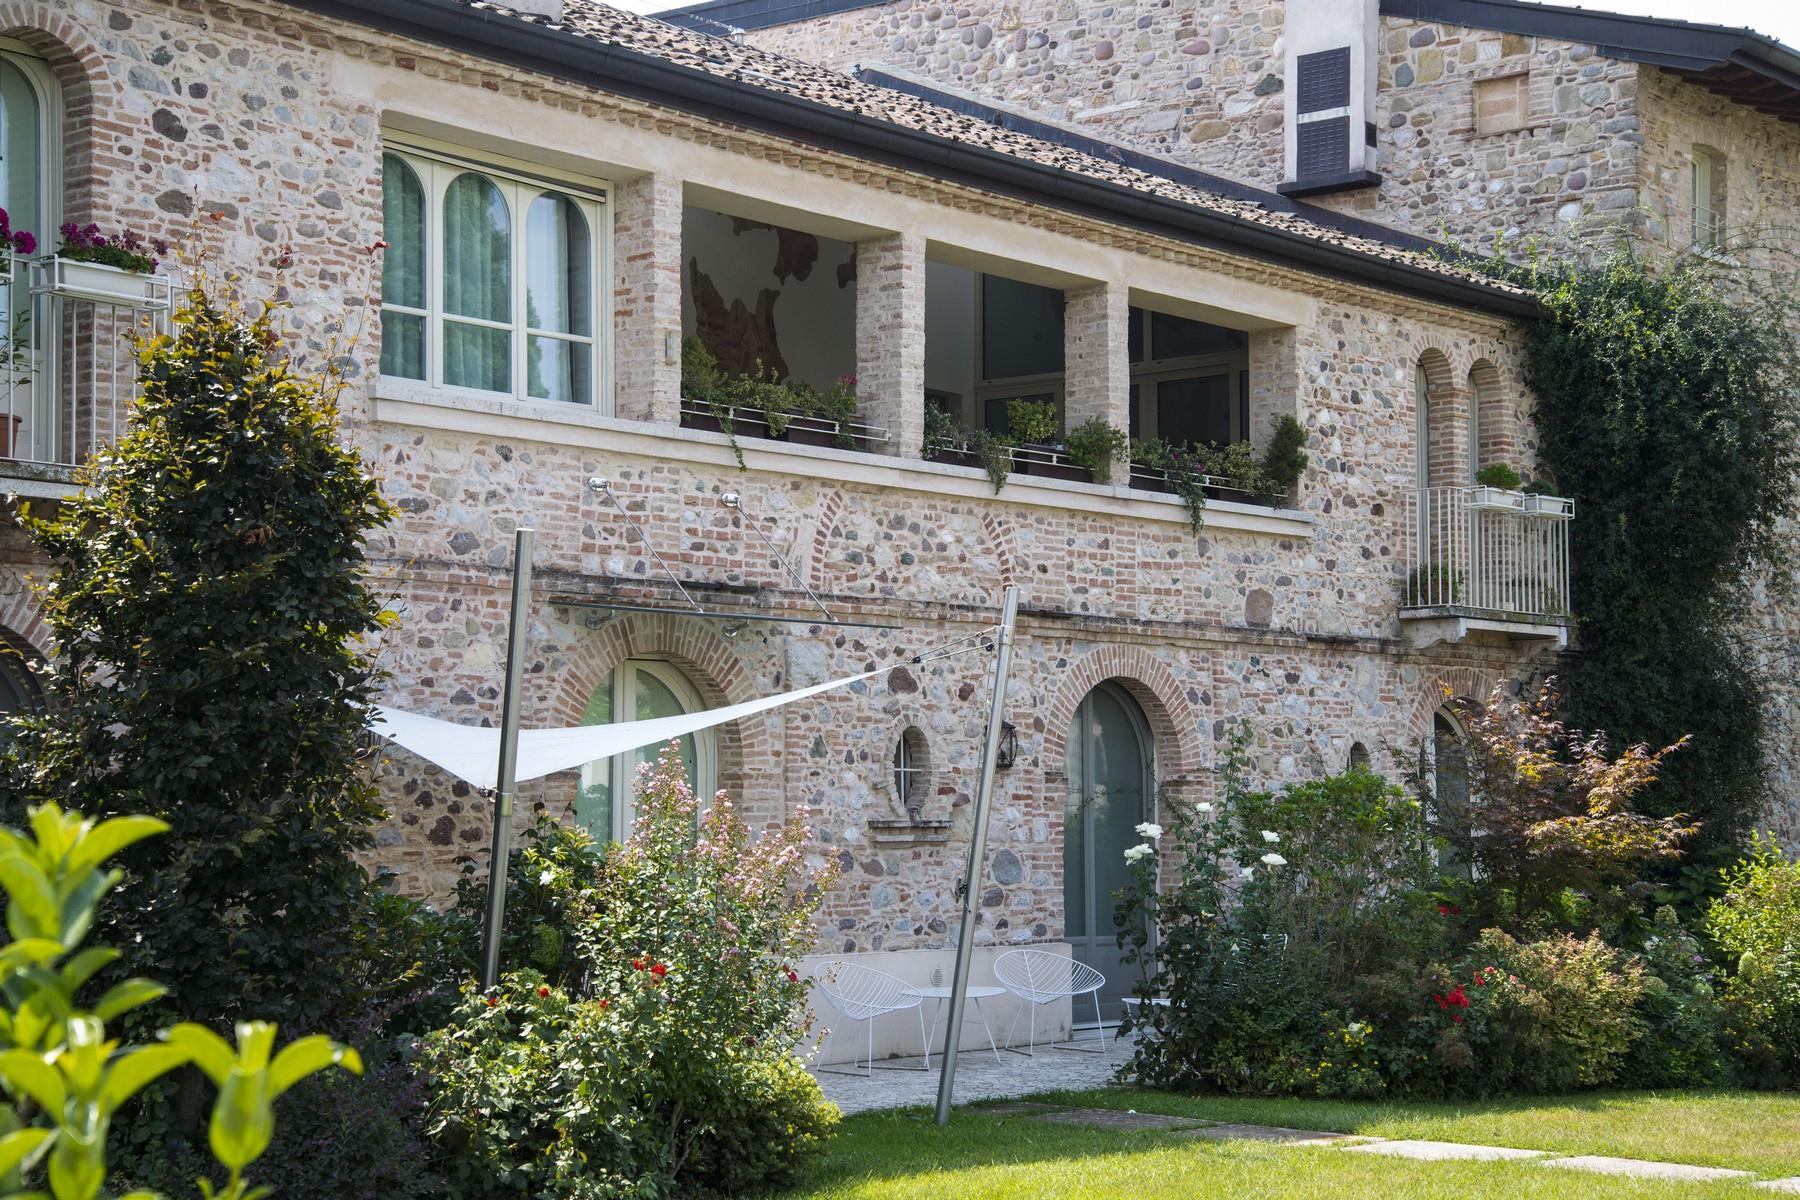 Attico in Vendita a Desenzano Del Garda: 5 locali, 280 mq - Foto 14